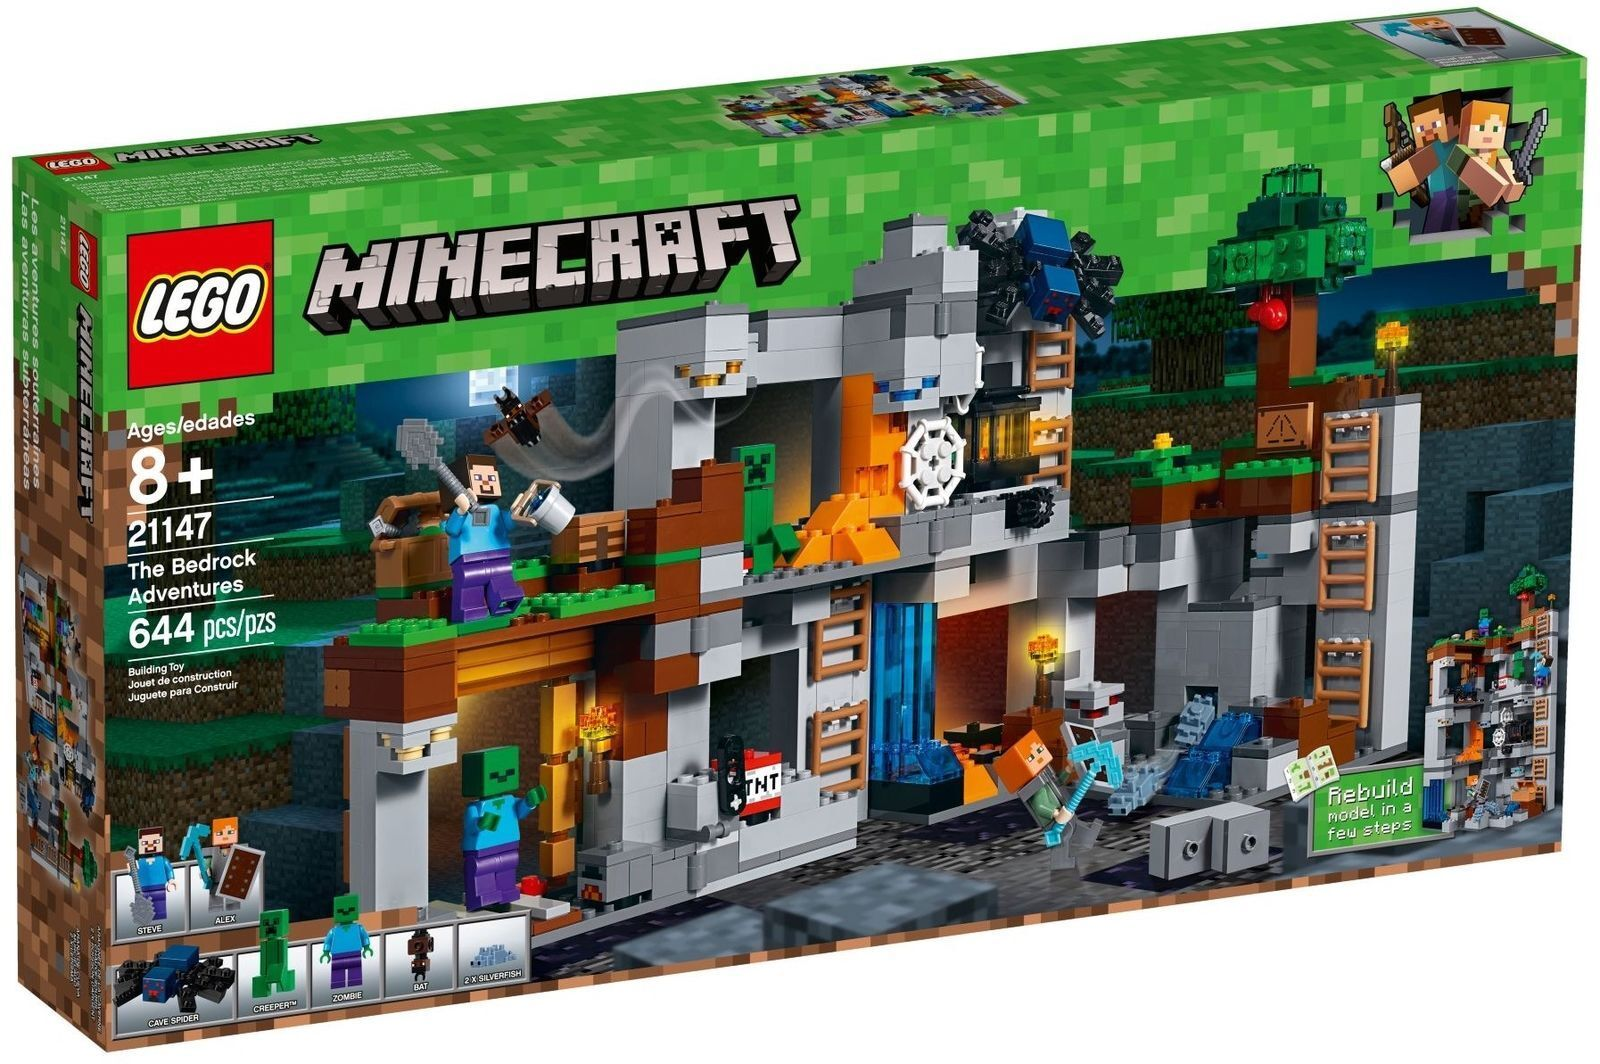 LEGO PER COLLEZIONISTI MINECRAFT 21147 AVVENTURE CON LA BEDROCK   NUOVO